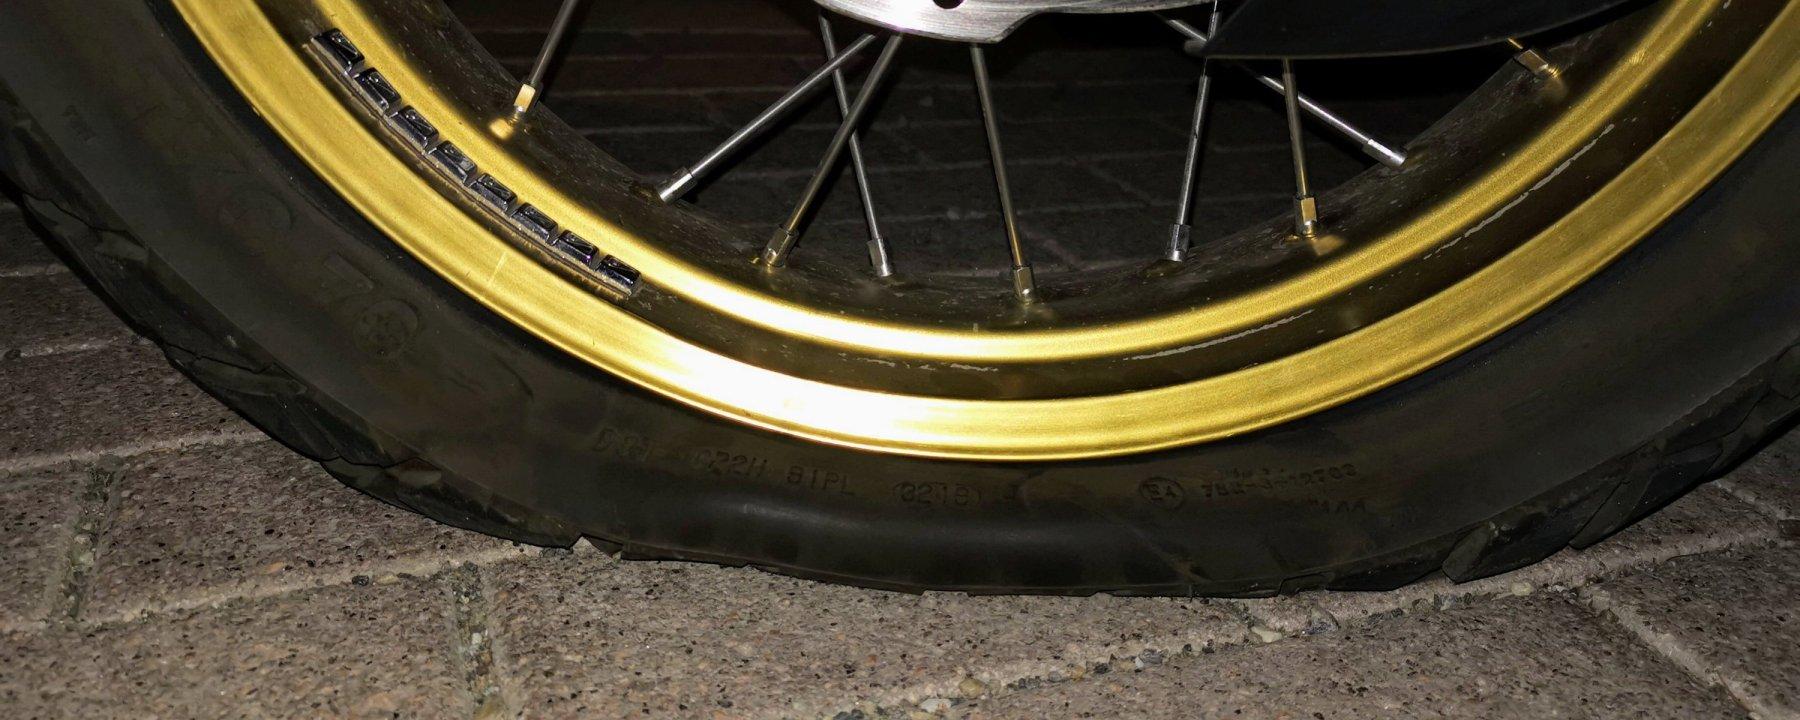 Photo d'un pneu creuvé sur une Honda Africa Twin